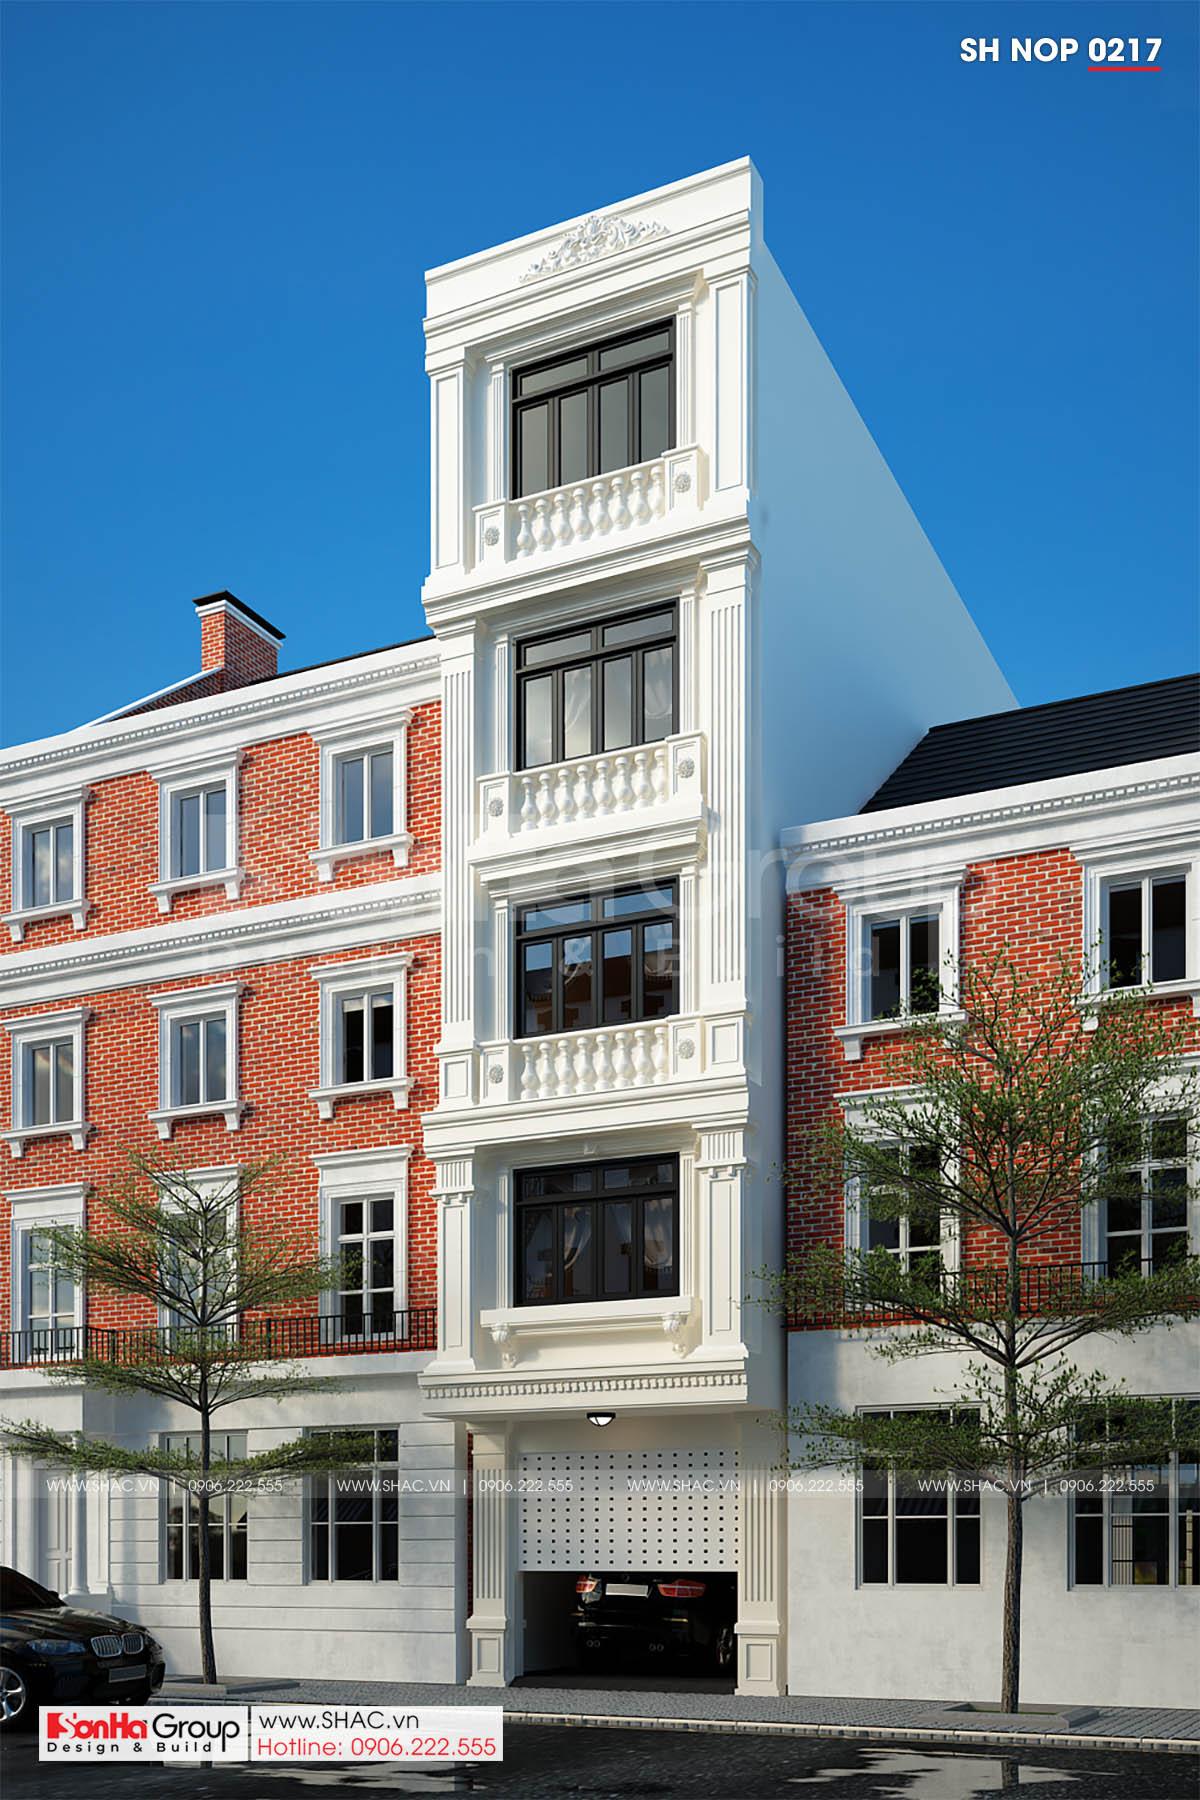 Thiết kế nhà phố tân cổ điển 5 tầng tại Hải Phòng